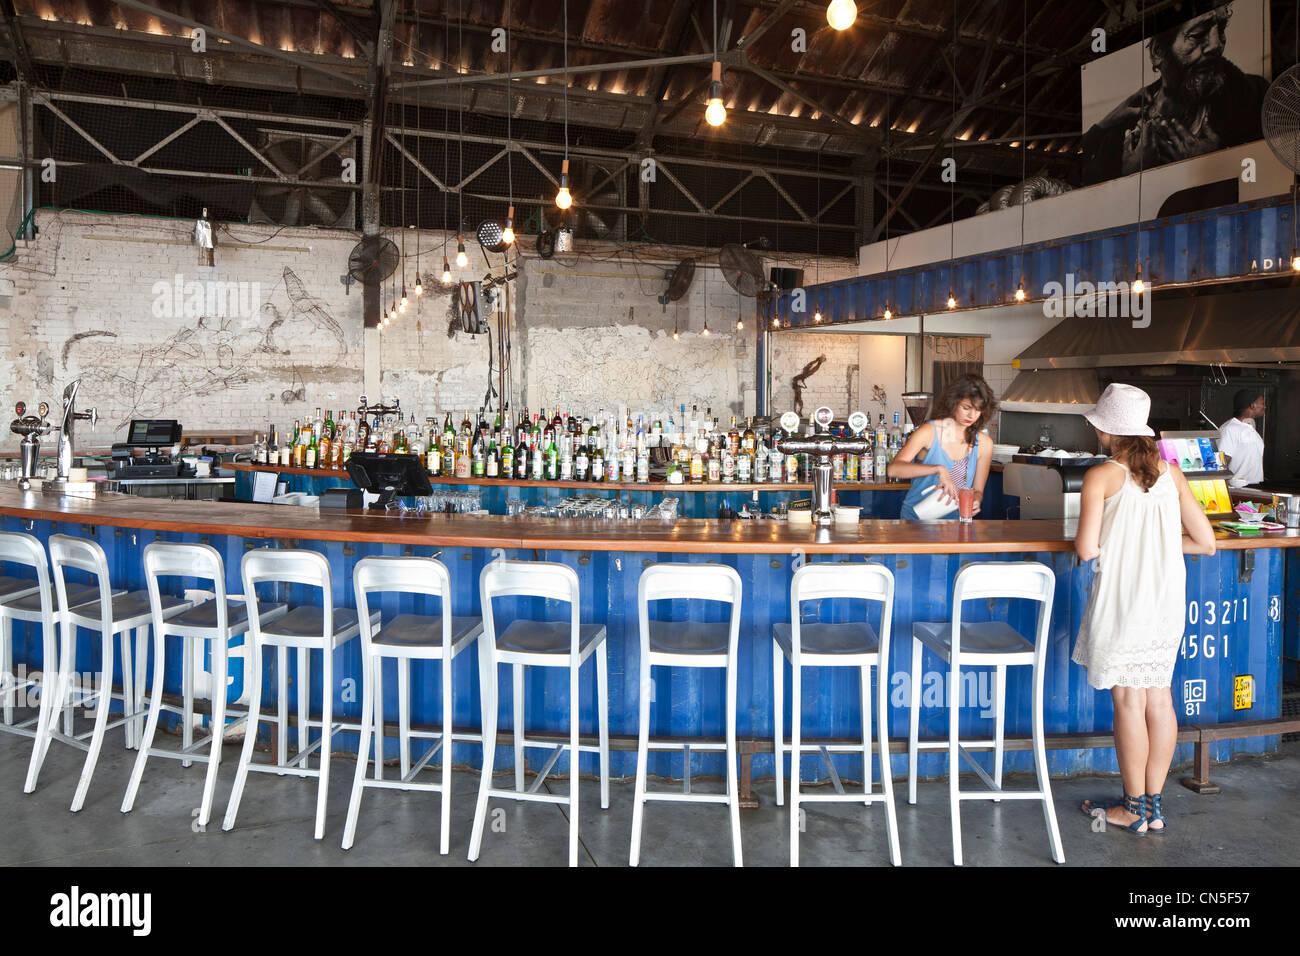 Israel, Tel Aviv, Jaffa, Port, The Container Restaurant, Widerspruch eines Containers gemacht Stockbild